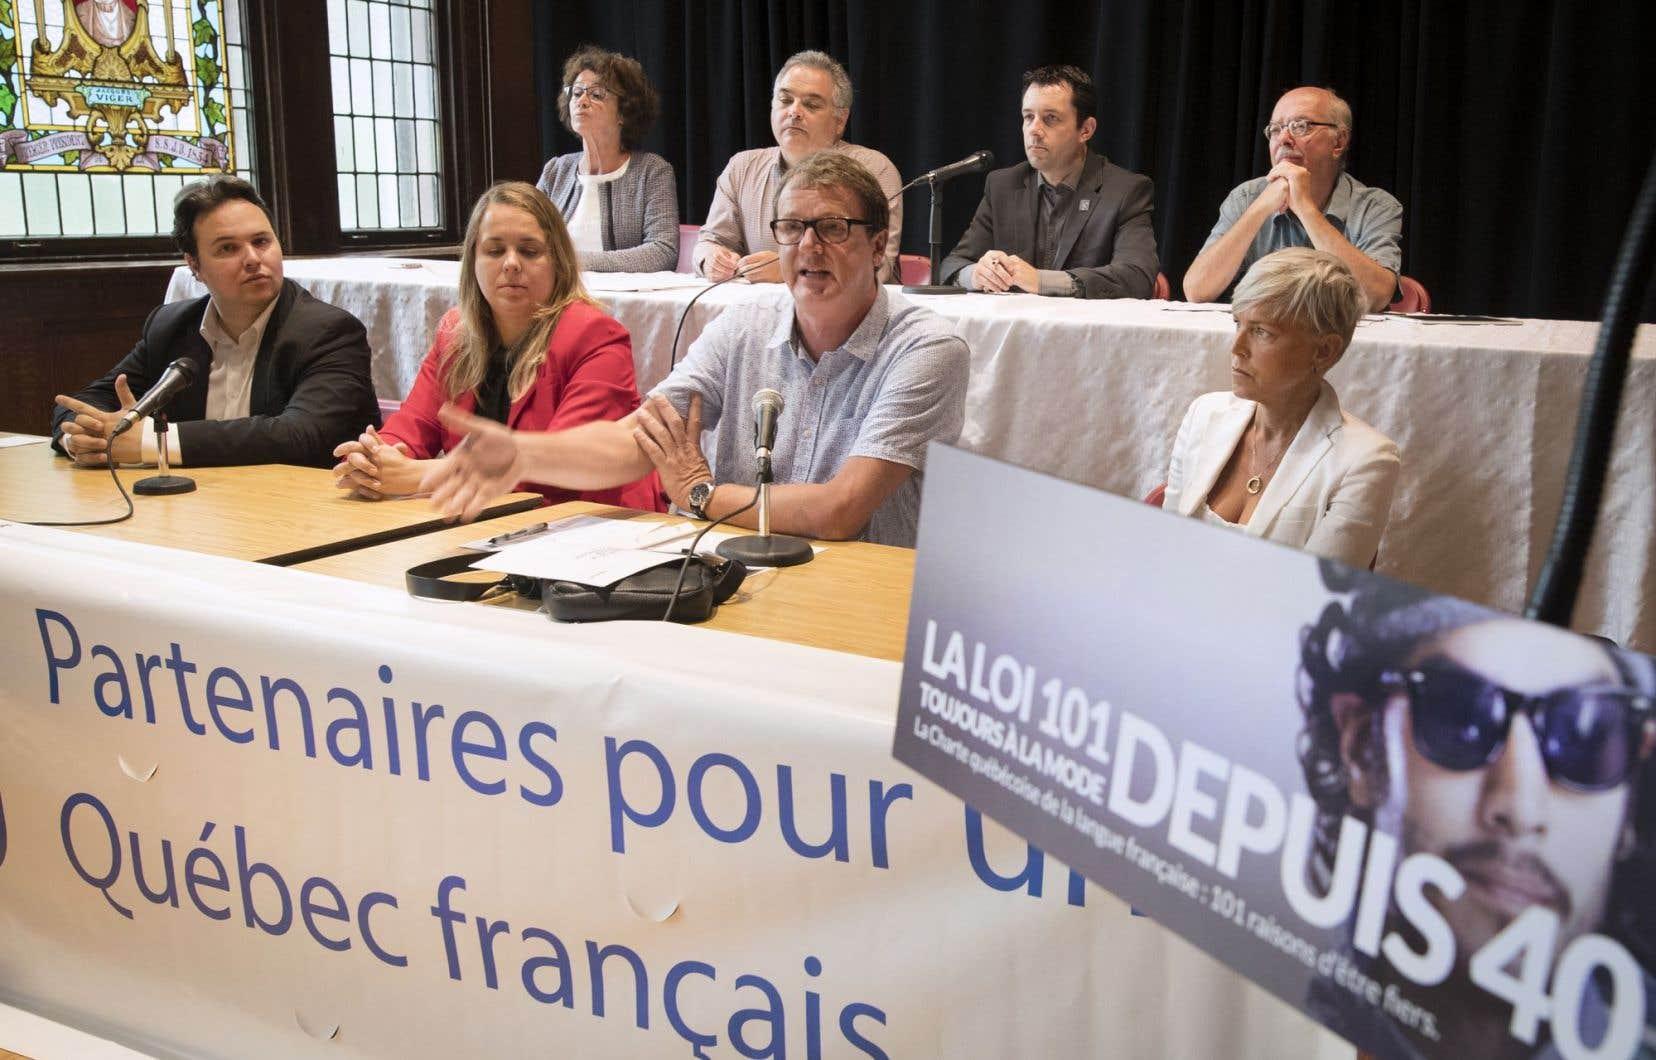 Les Partenaires pour un Québec français se montrent très critiques de la tiédeur du gouvernement Couillard en matière de défense du français.